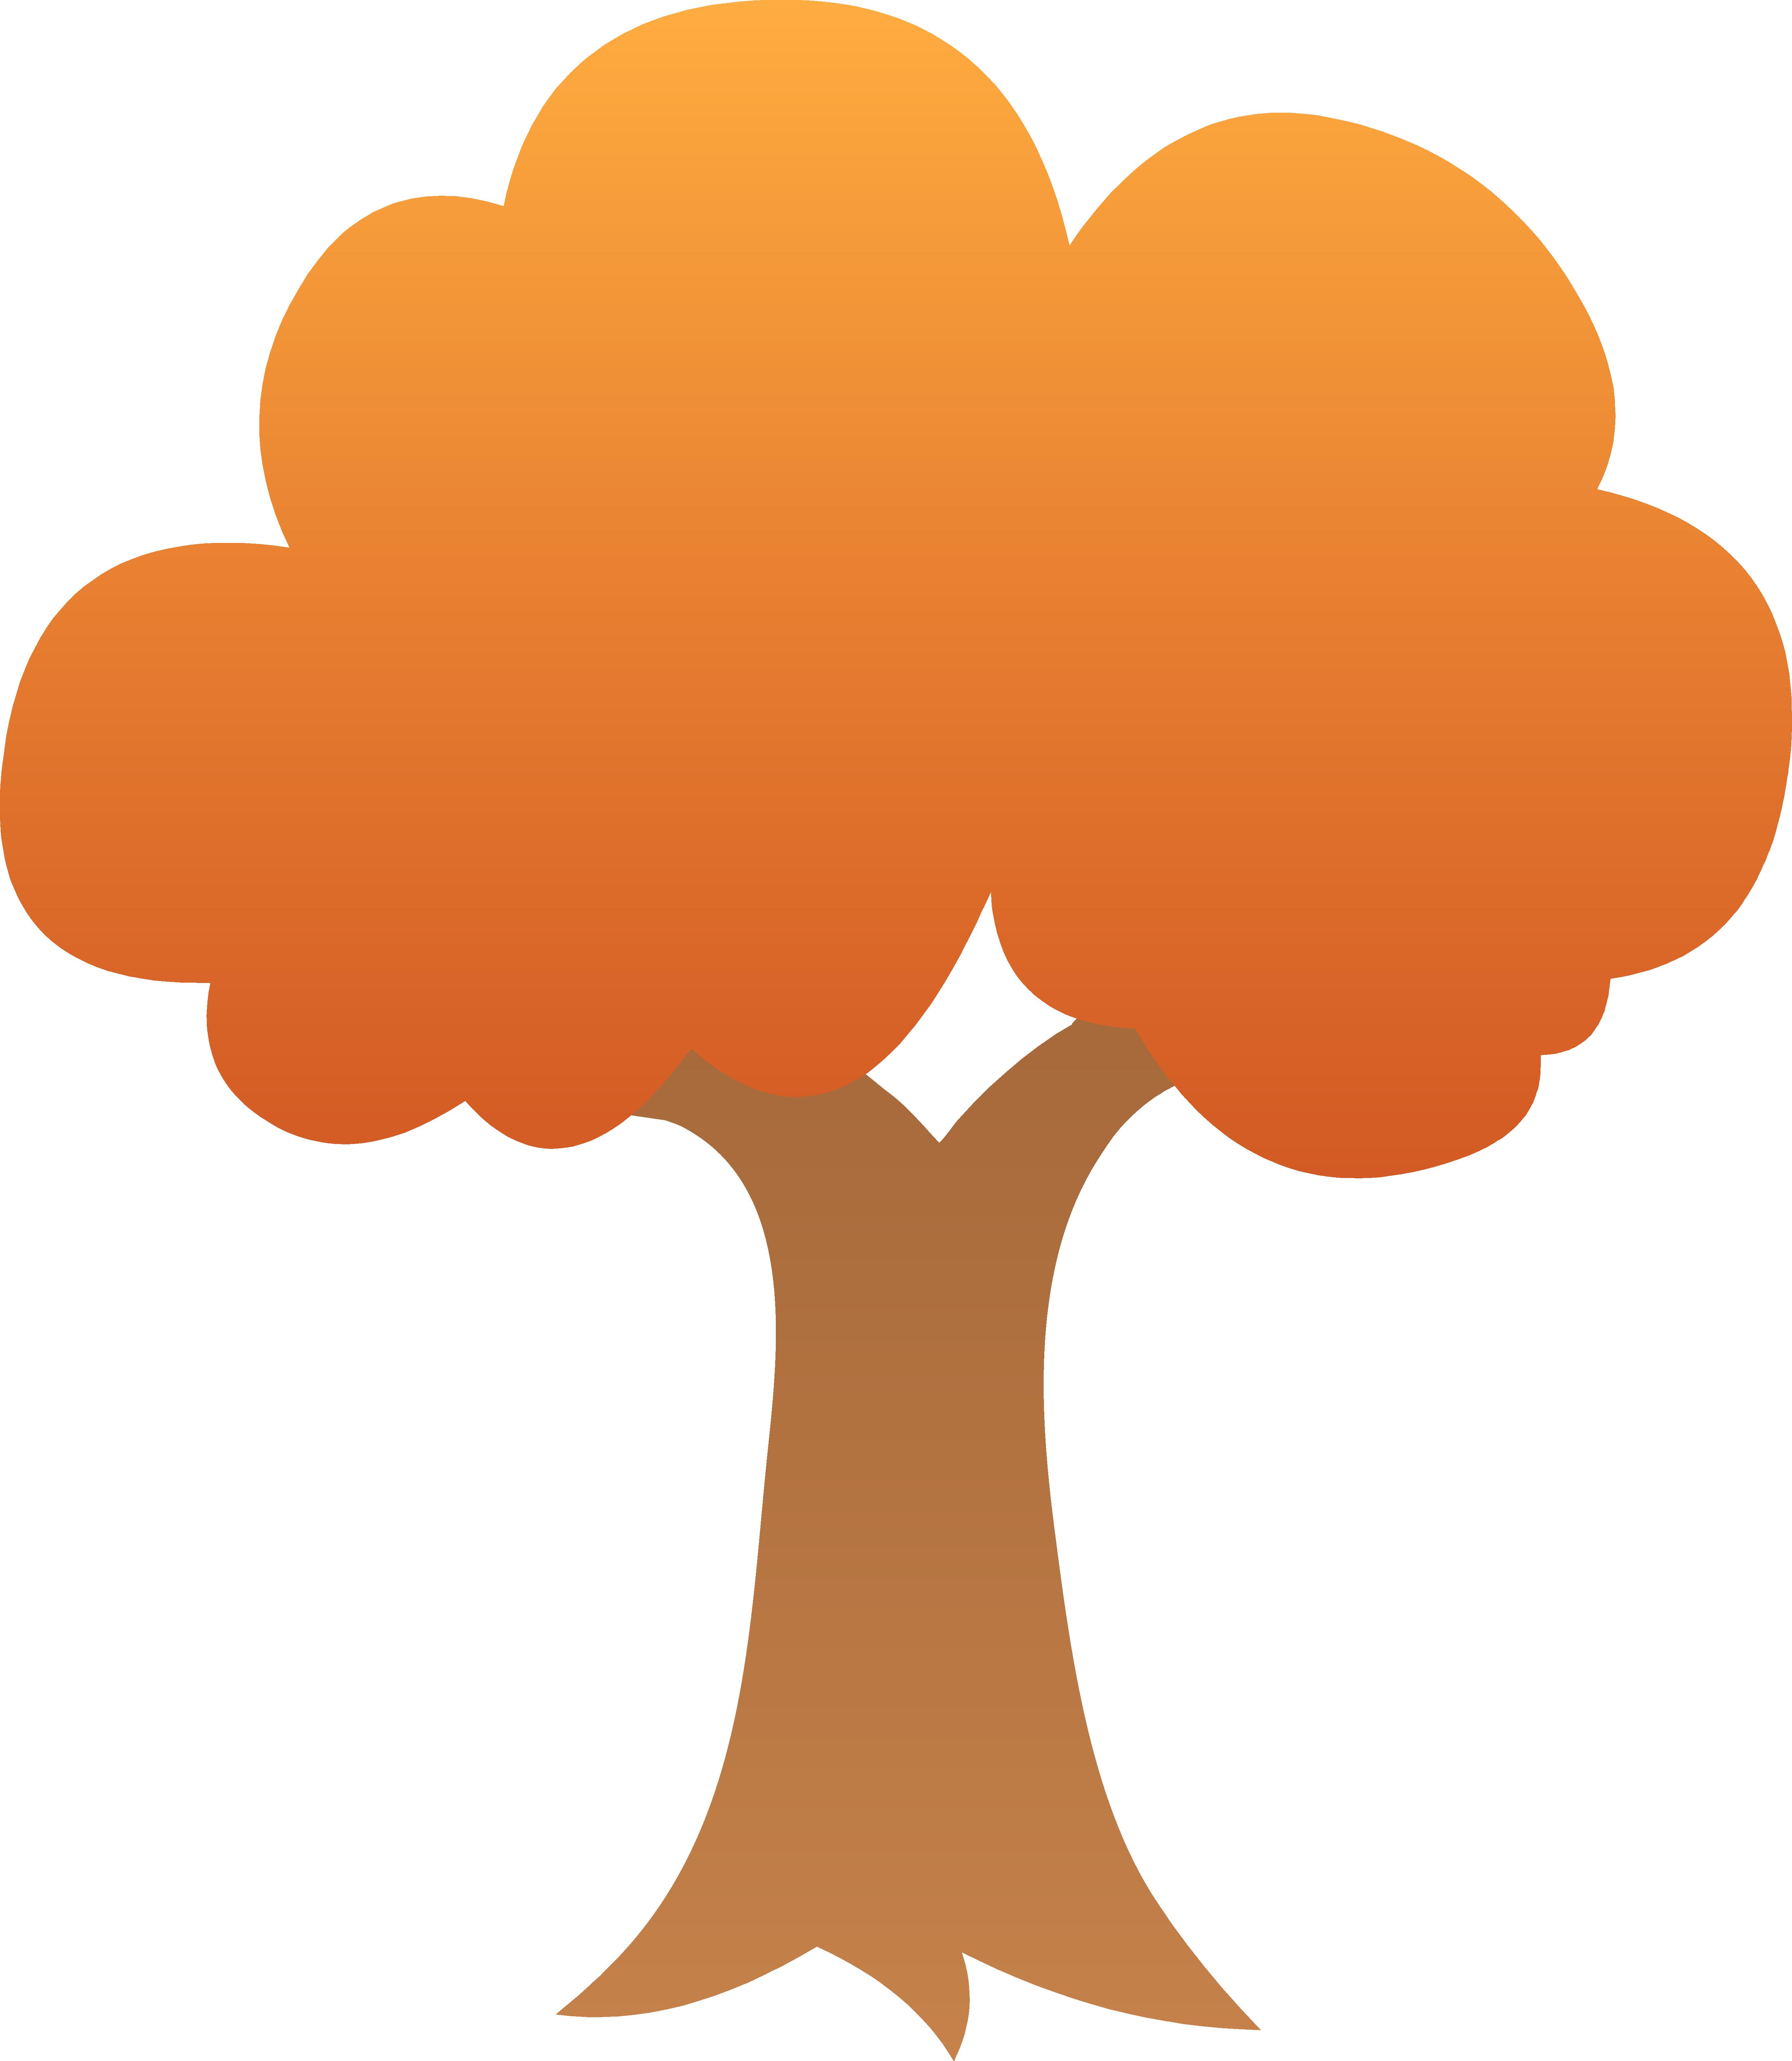 Tree clipart autum #13